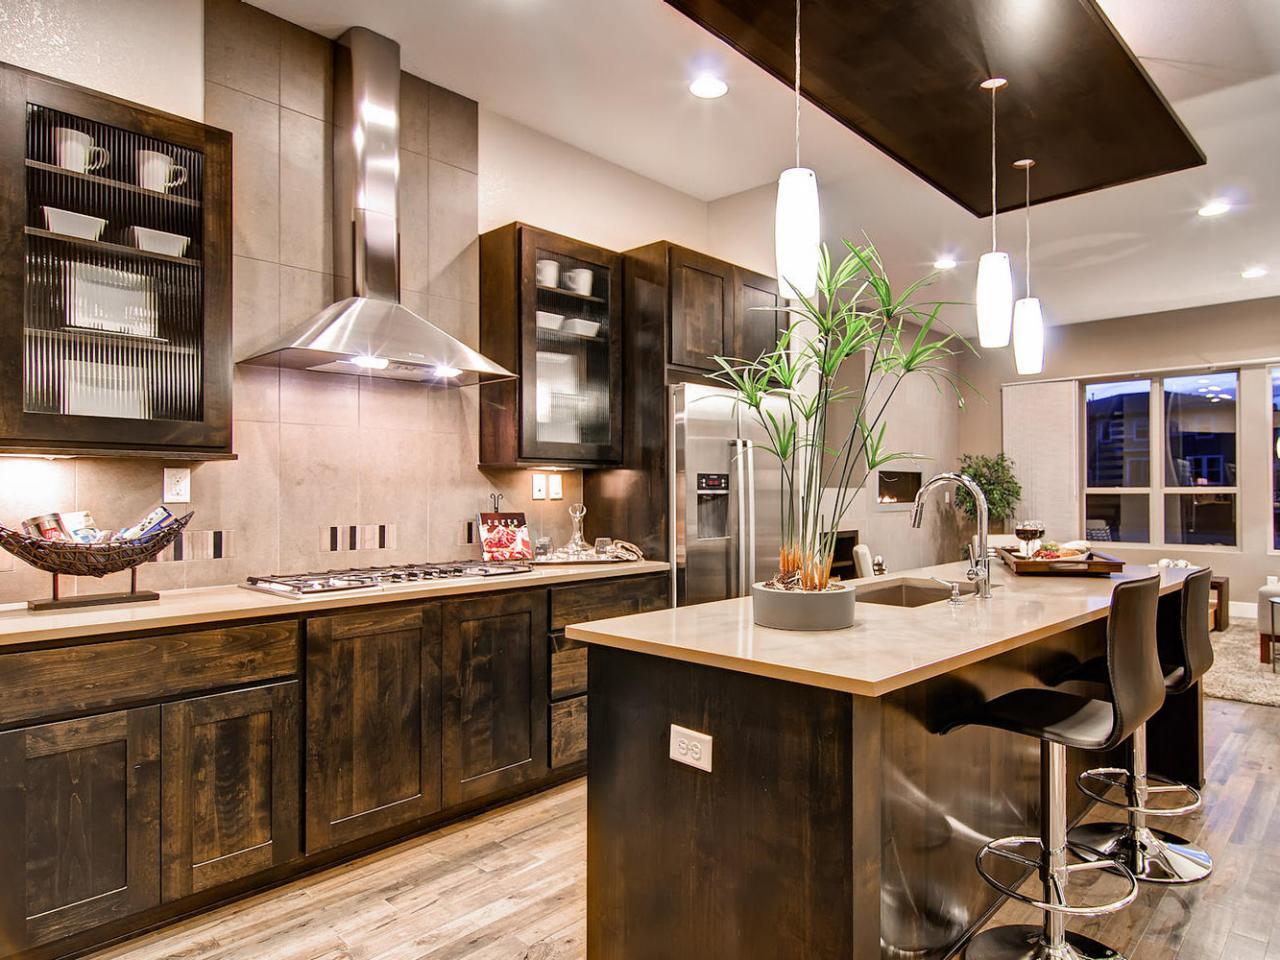 دکوراسیون آشپزخانه با تزیینات چوبی و گلدان